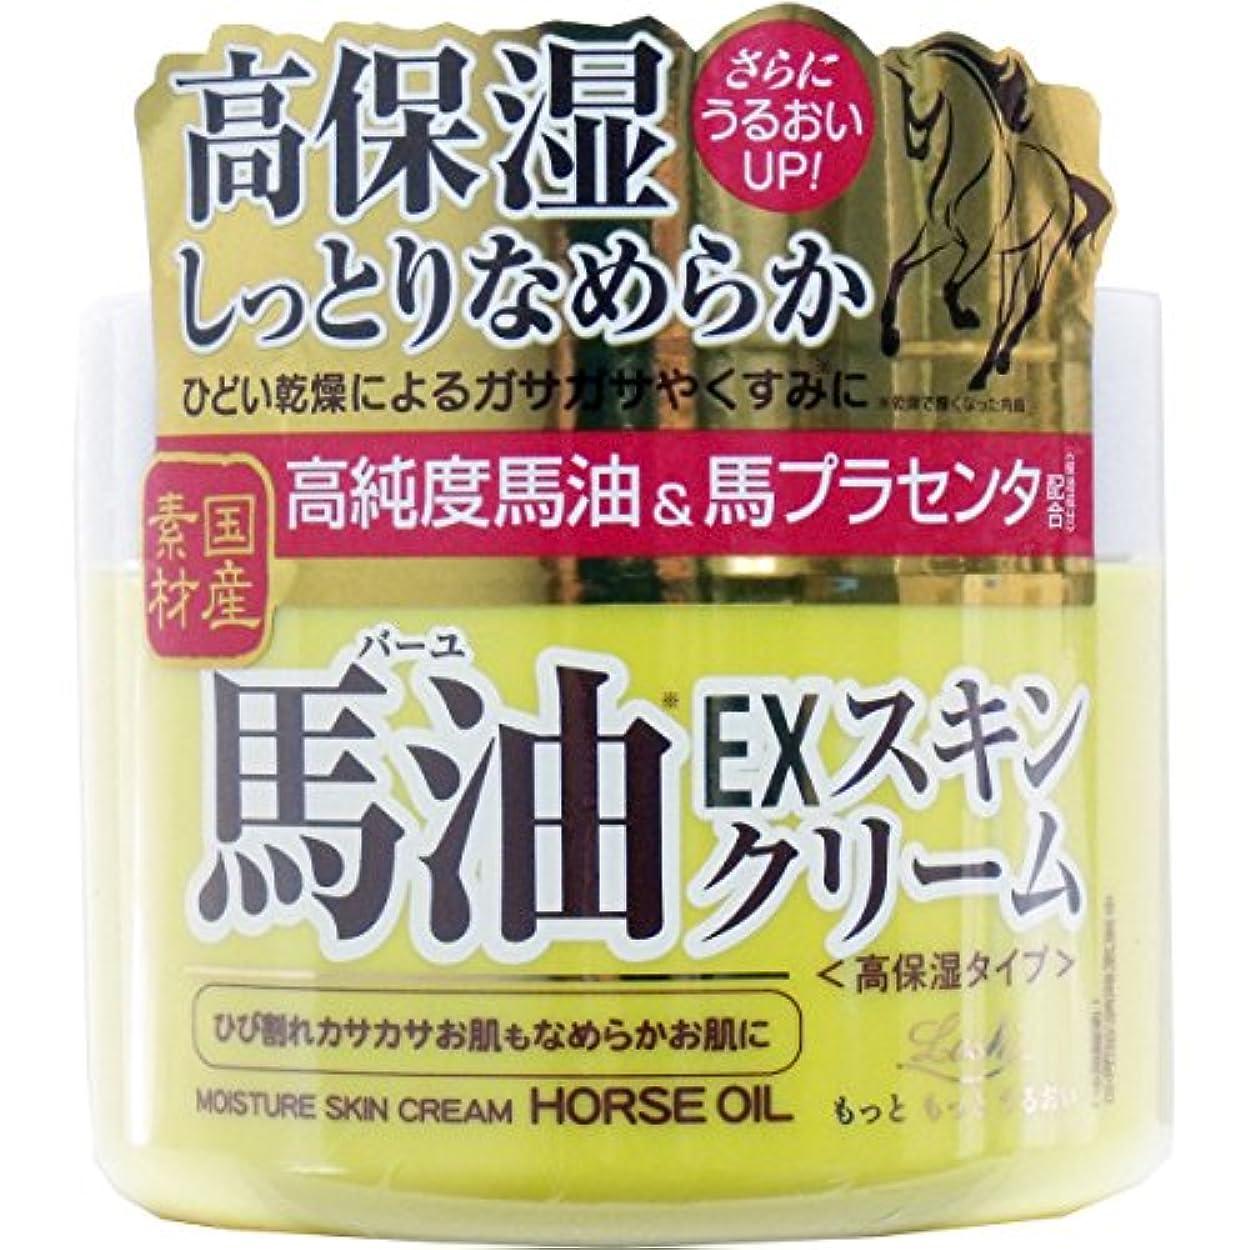 炎上先生それるロッシモイストエイド EXスキンクリームBA 100g【6個入りセット】